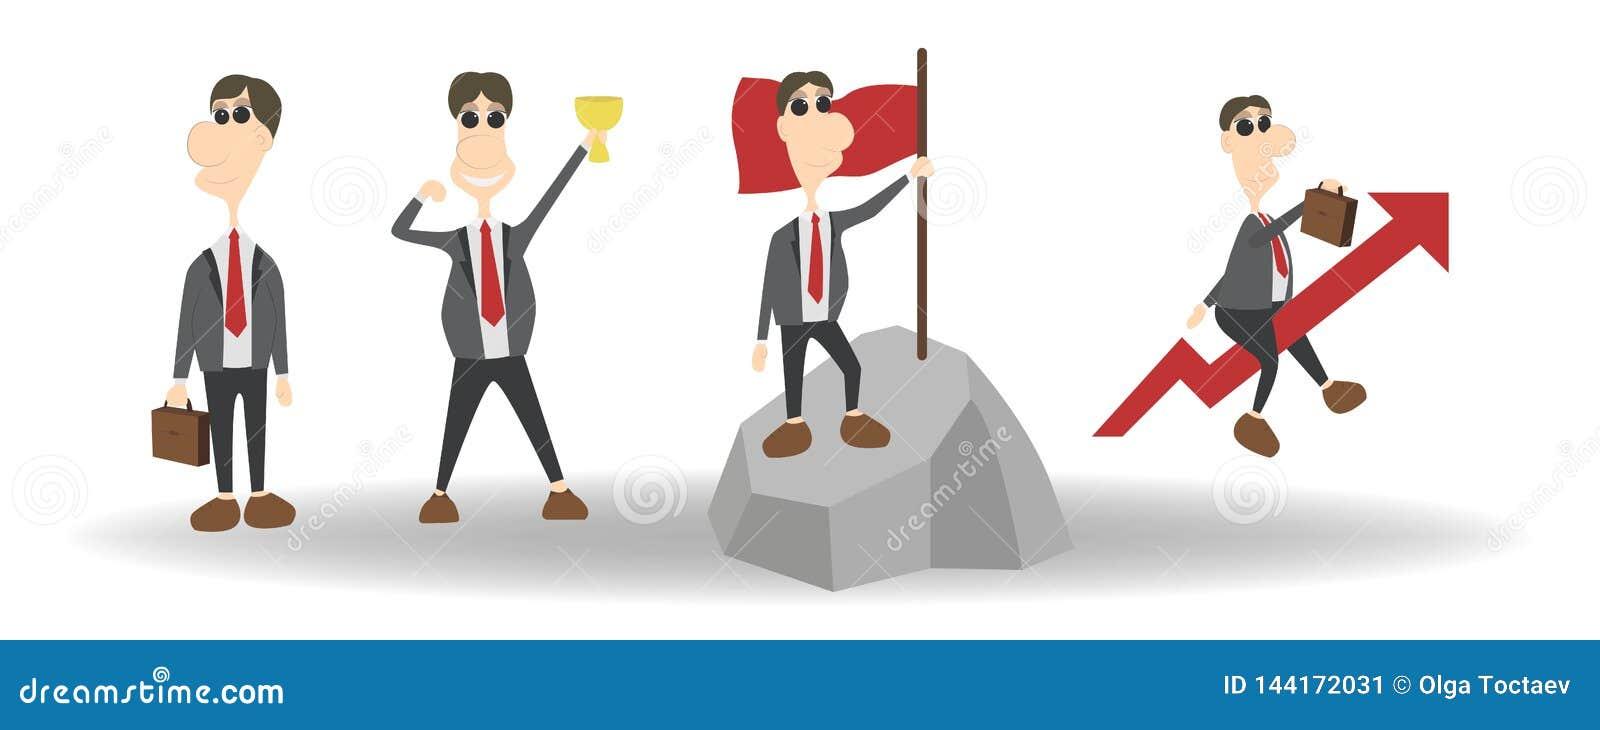 Мультфильм установил характера бизнесмена с различными представлениями и действиями Дизайн иллюстрации вектора плоский на белизне